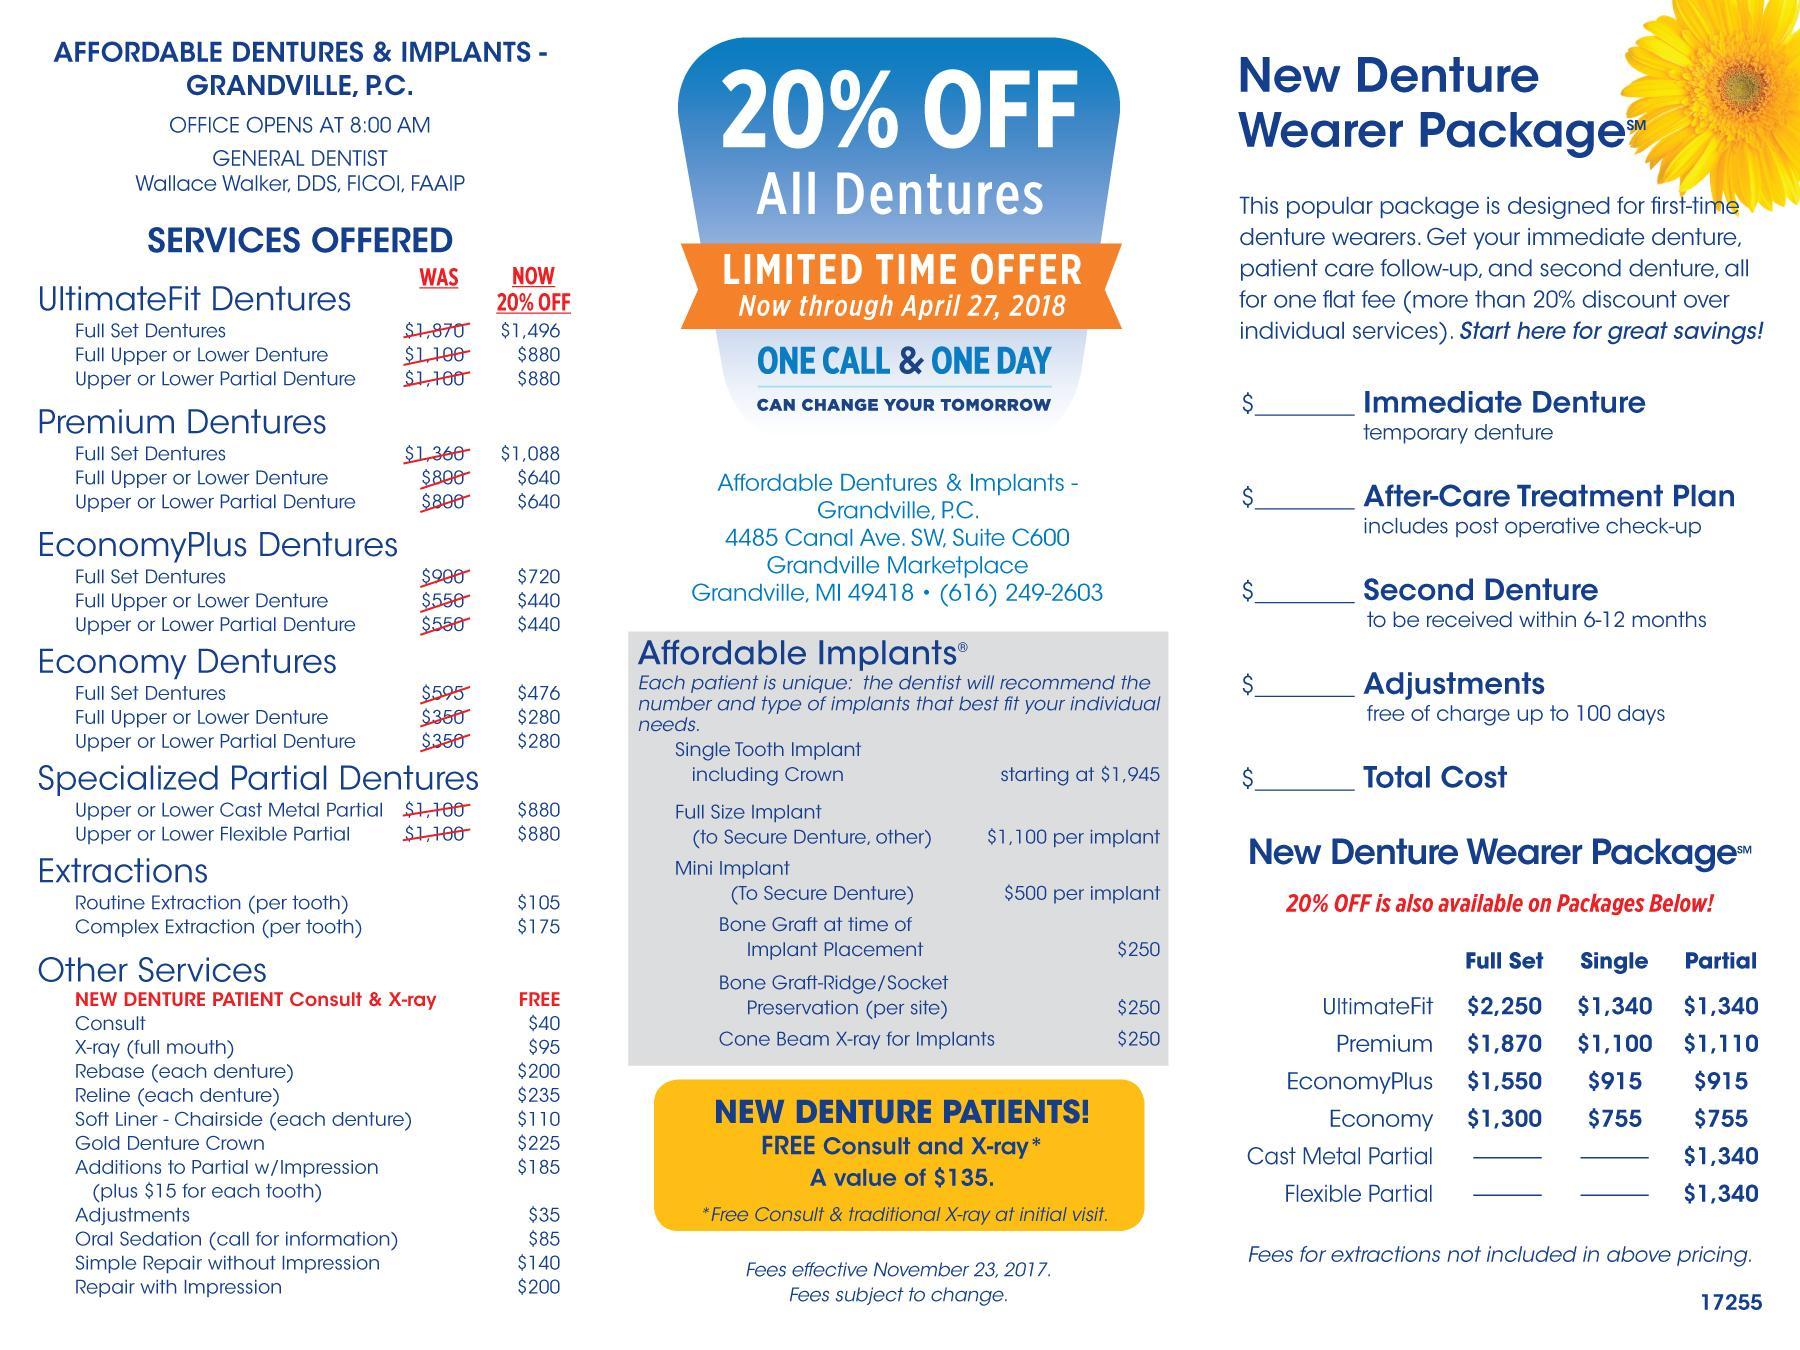 denture care center grandville mi dentist 49418 affordable dentures implants. Black Bedroom Furniture Sets. Home Design Ideas